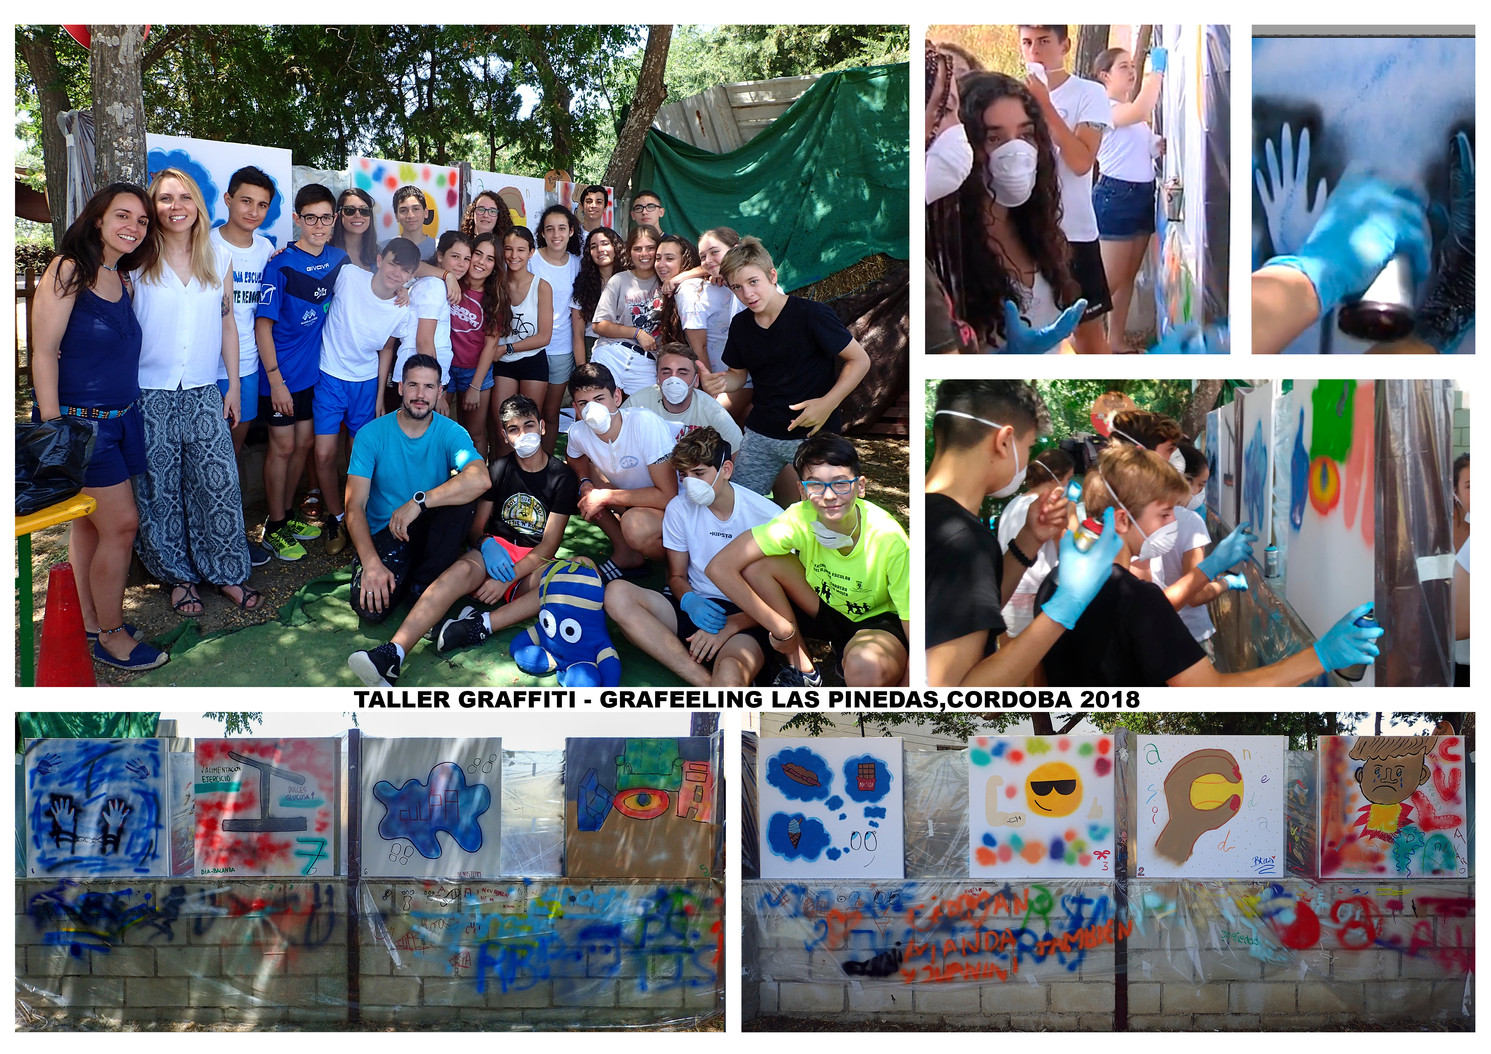 Taller de Graffitis - Grafeeling Las Pinedas,Cordoba 2018